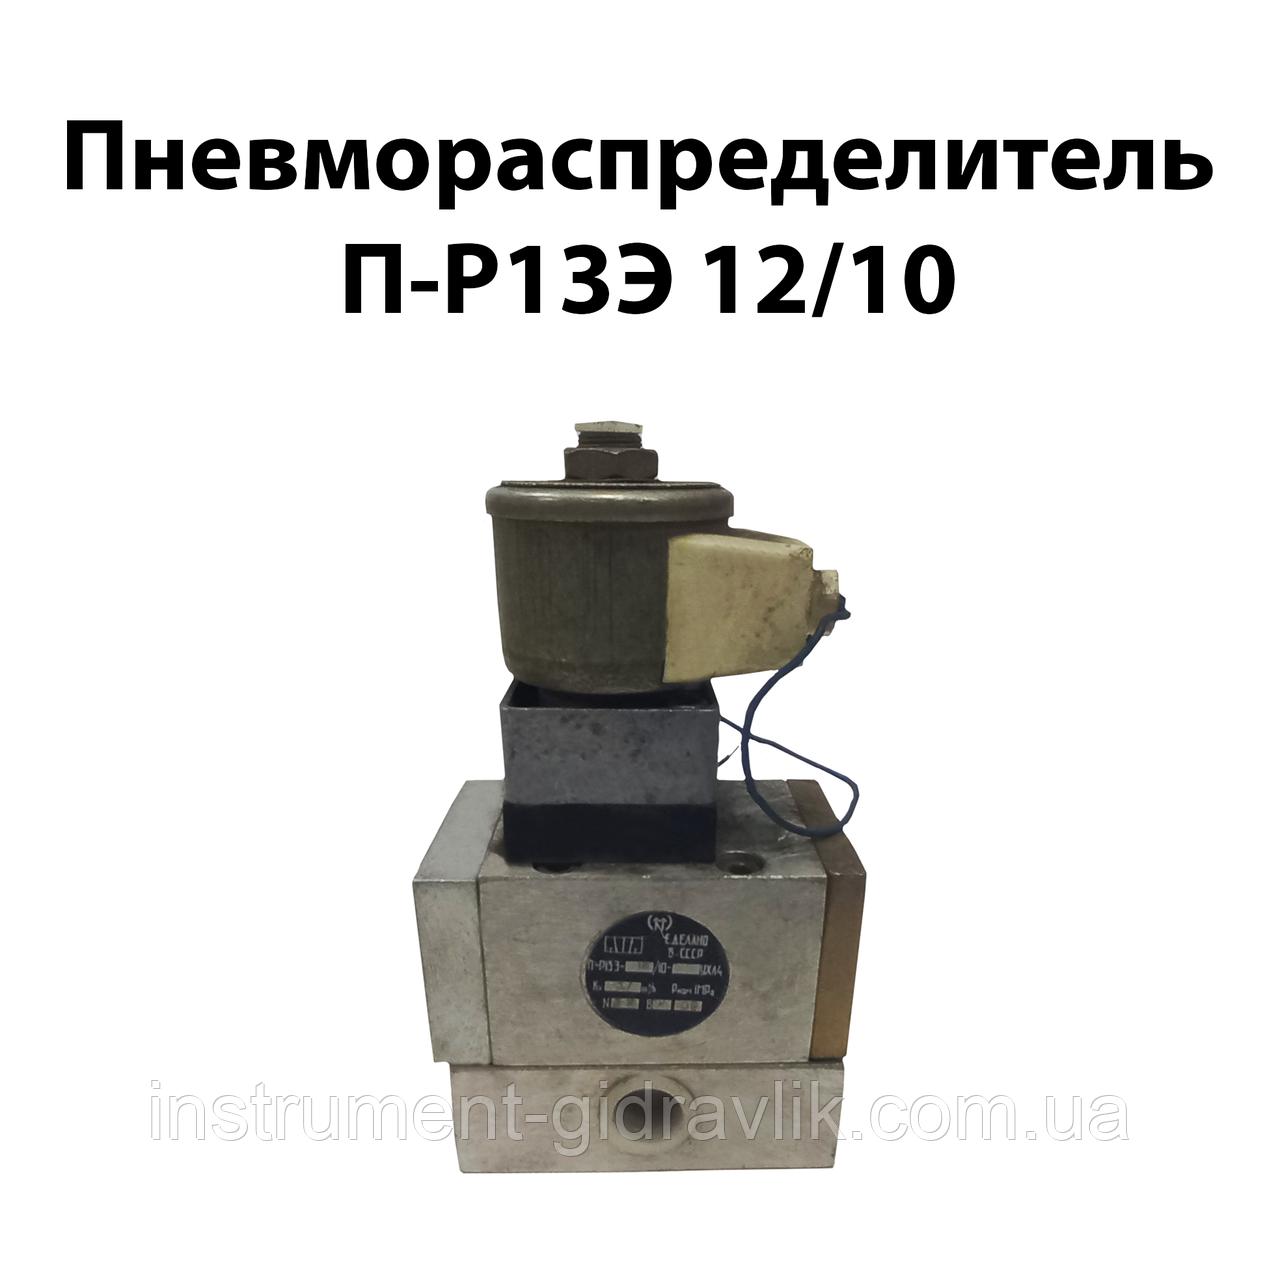 Пневморозподілювач П-Р13Э 12/10